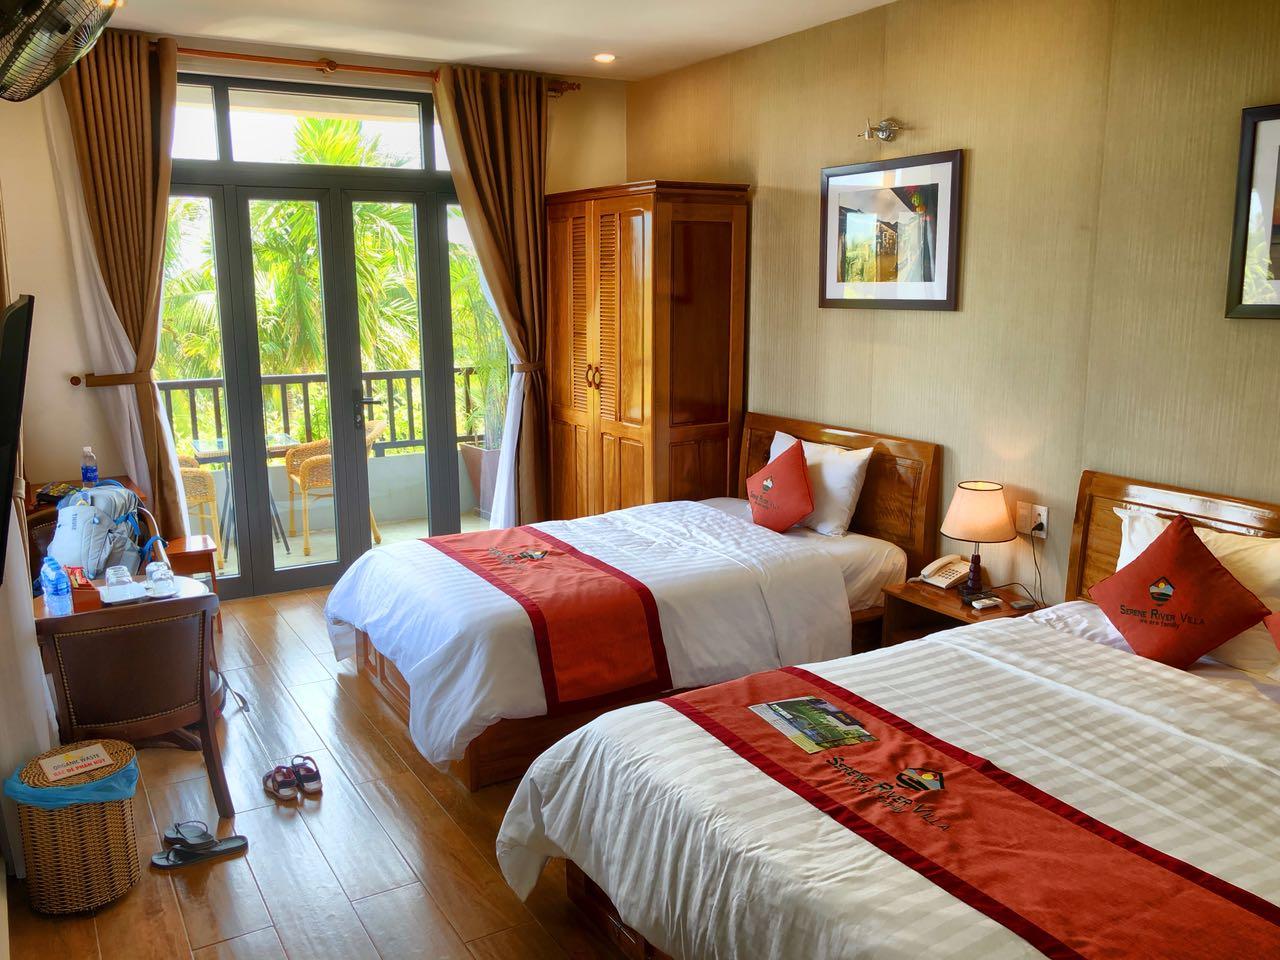 Familienzimmer in der Serena River Villa, Hoi An, Vietnam